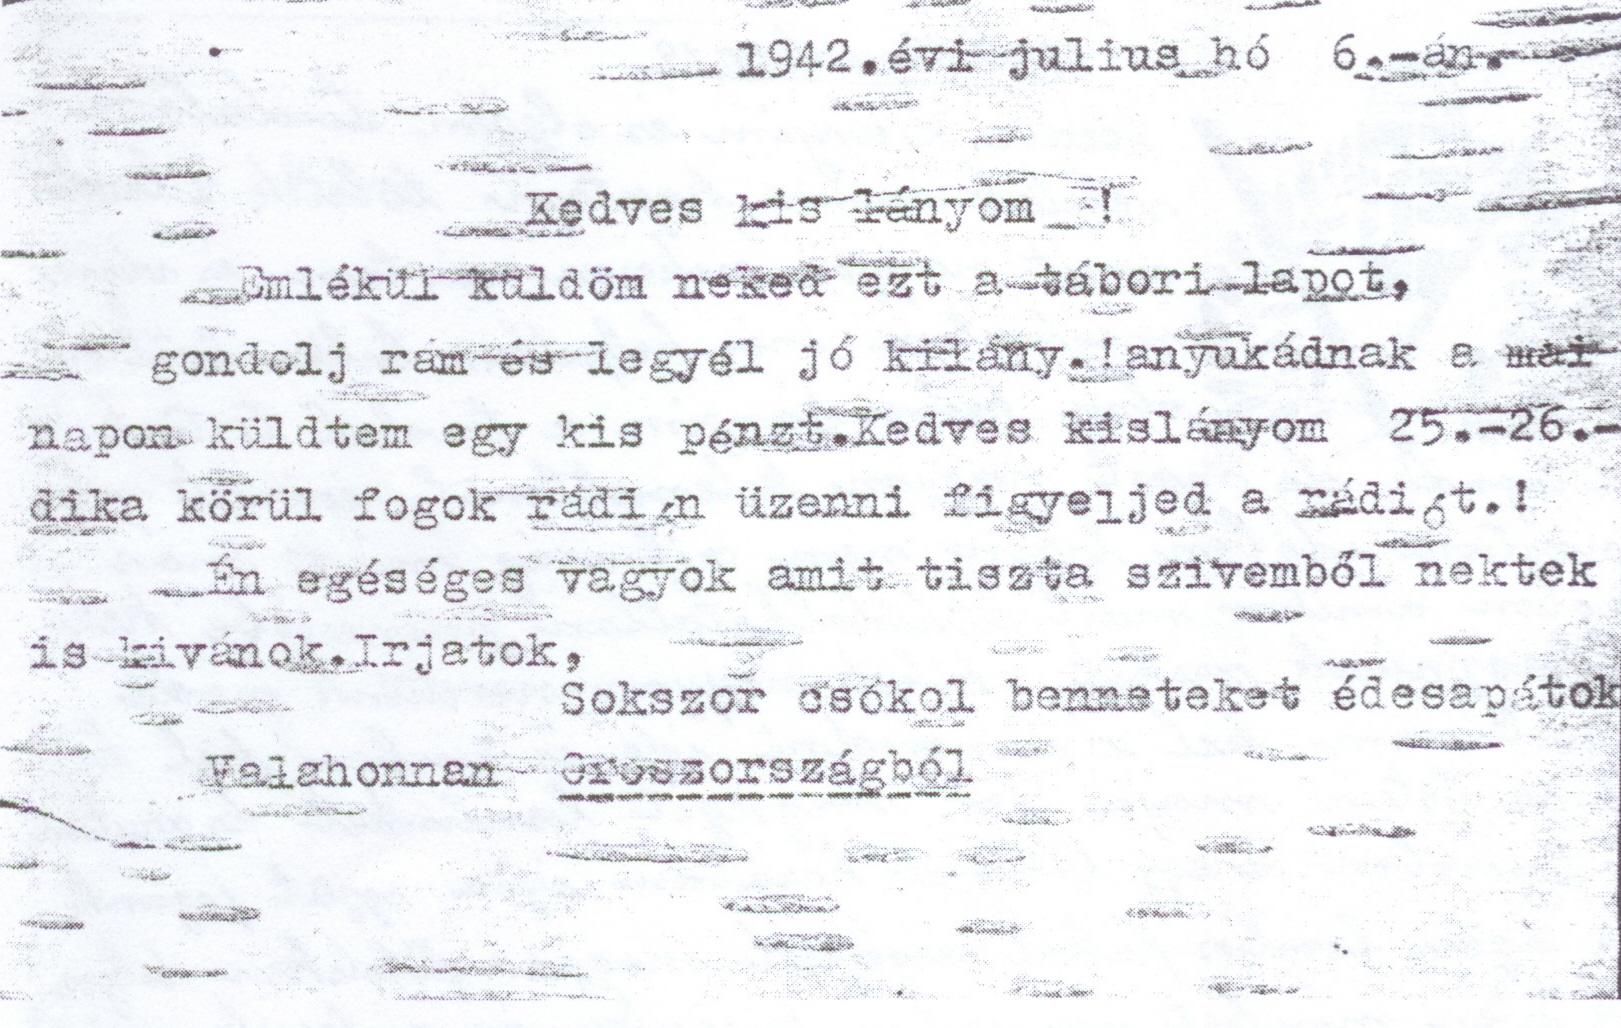 Gazda Sándor (nyírfakéregből készült) levelezőlapja lányának, Oroszországból, 1942 (2).jpg